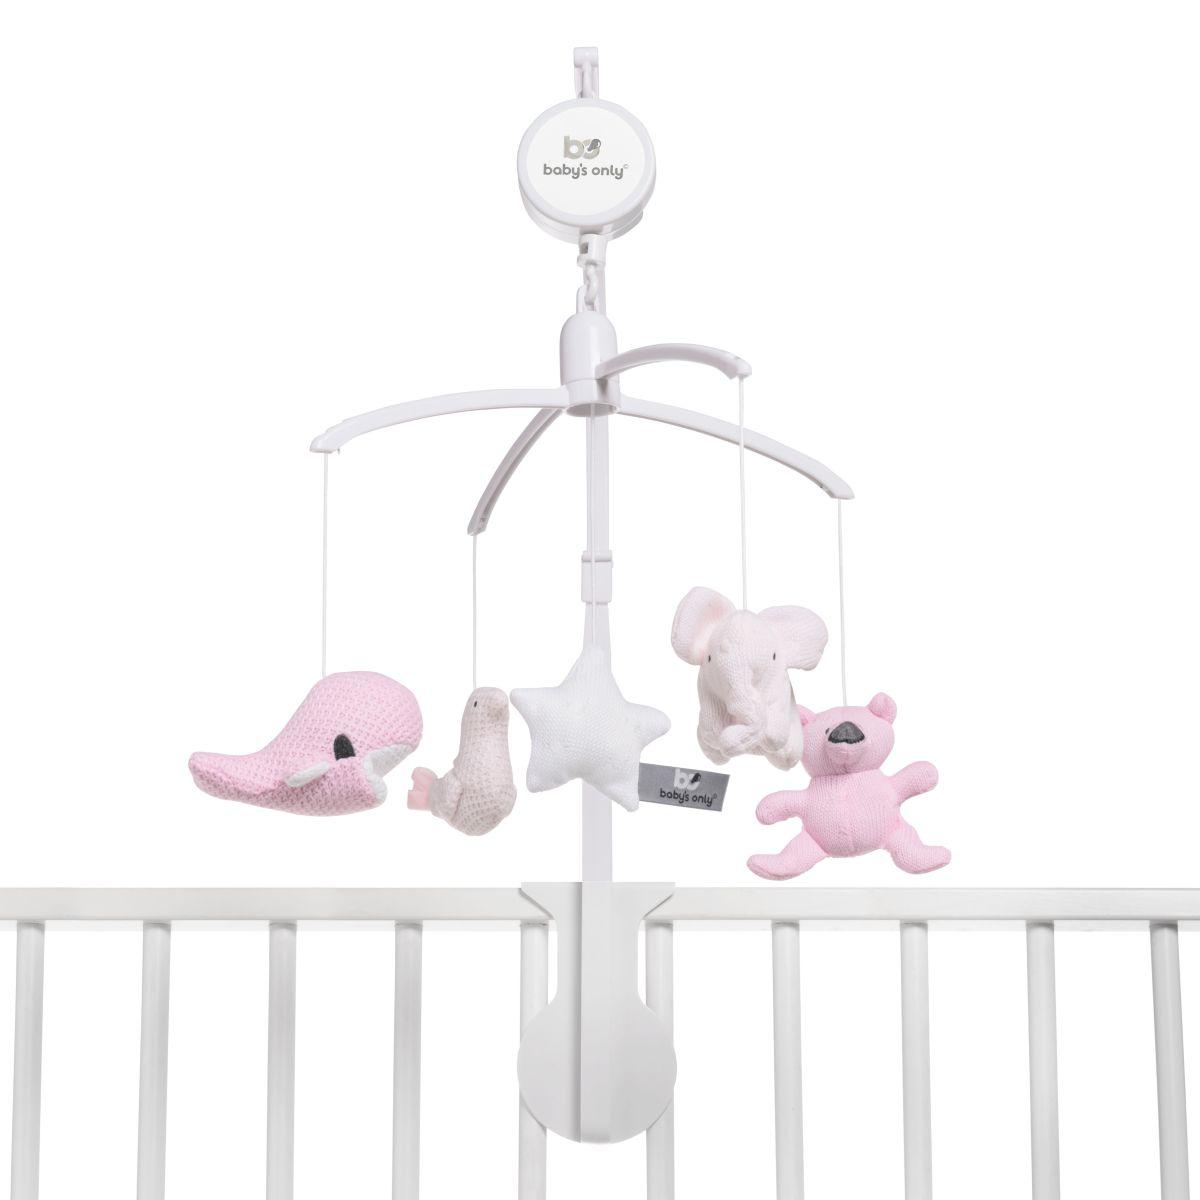 babys only 0852351 muziekmobiel classic roze baby roze wit 2